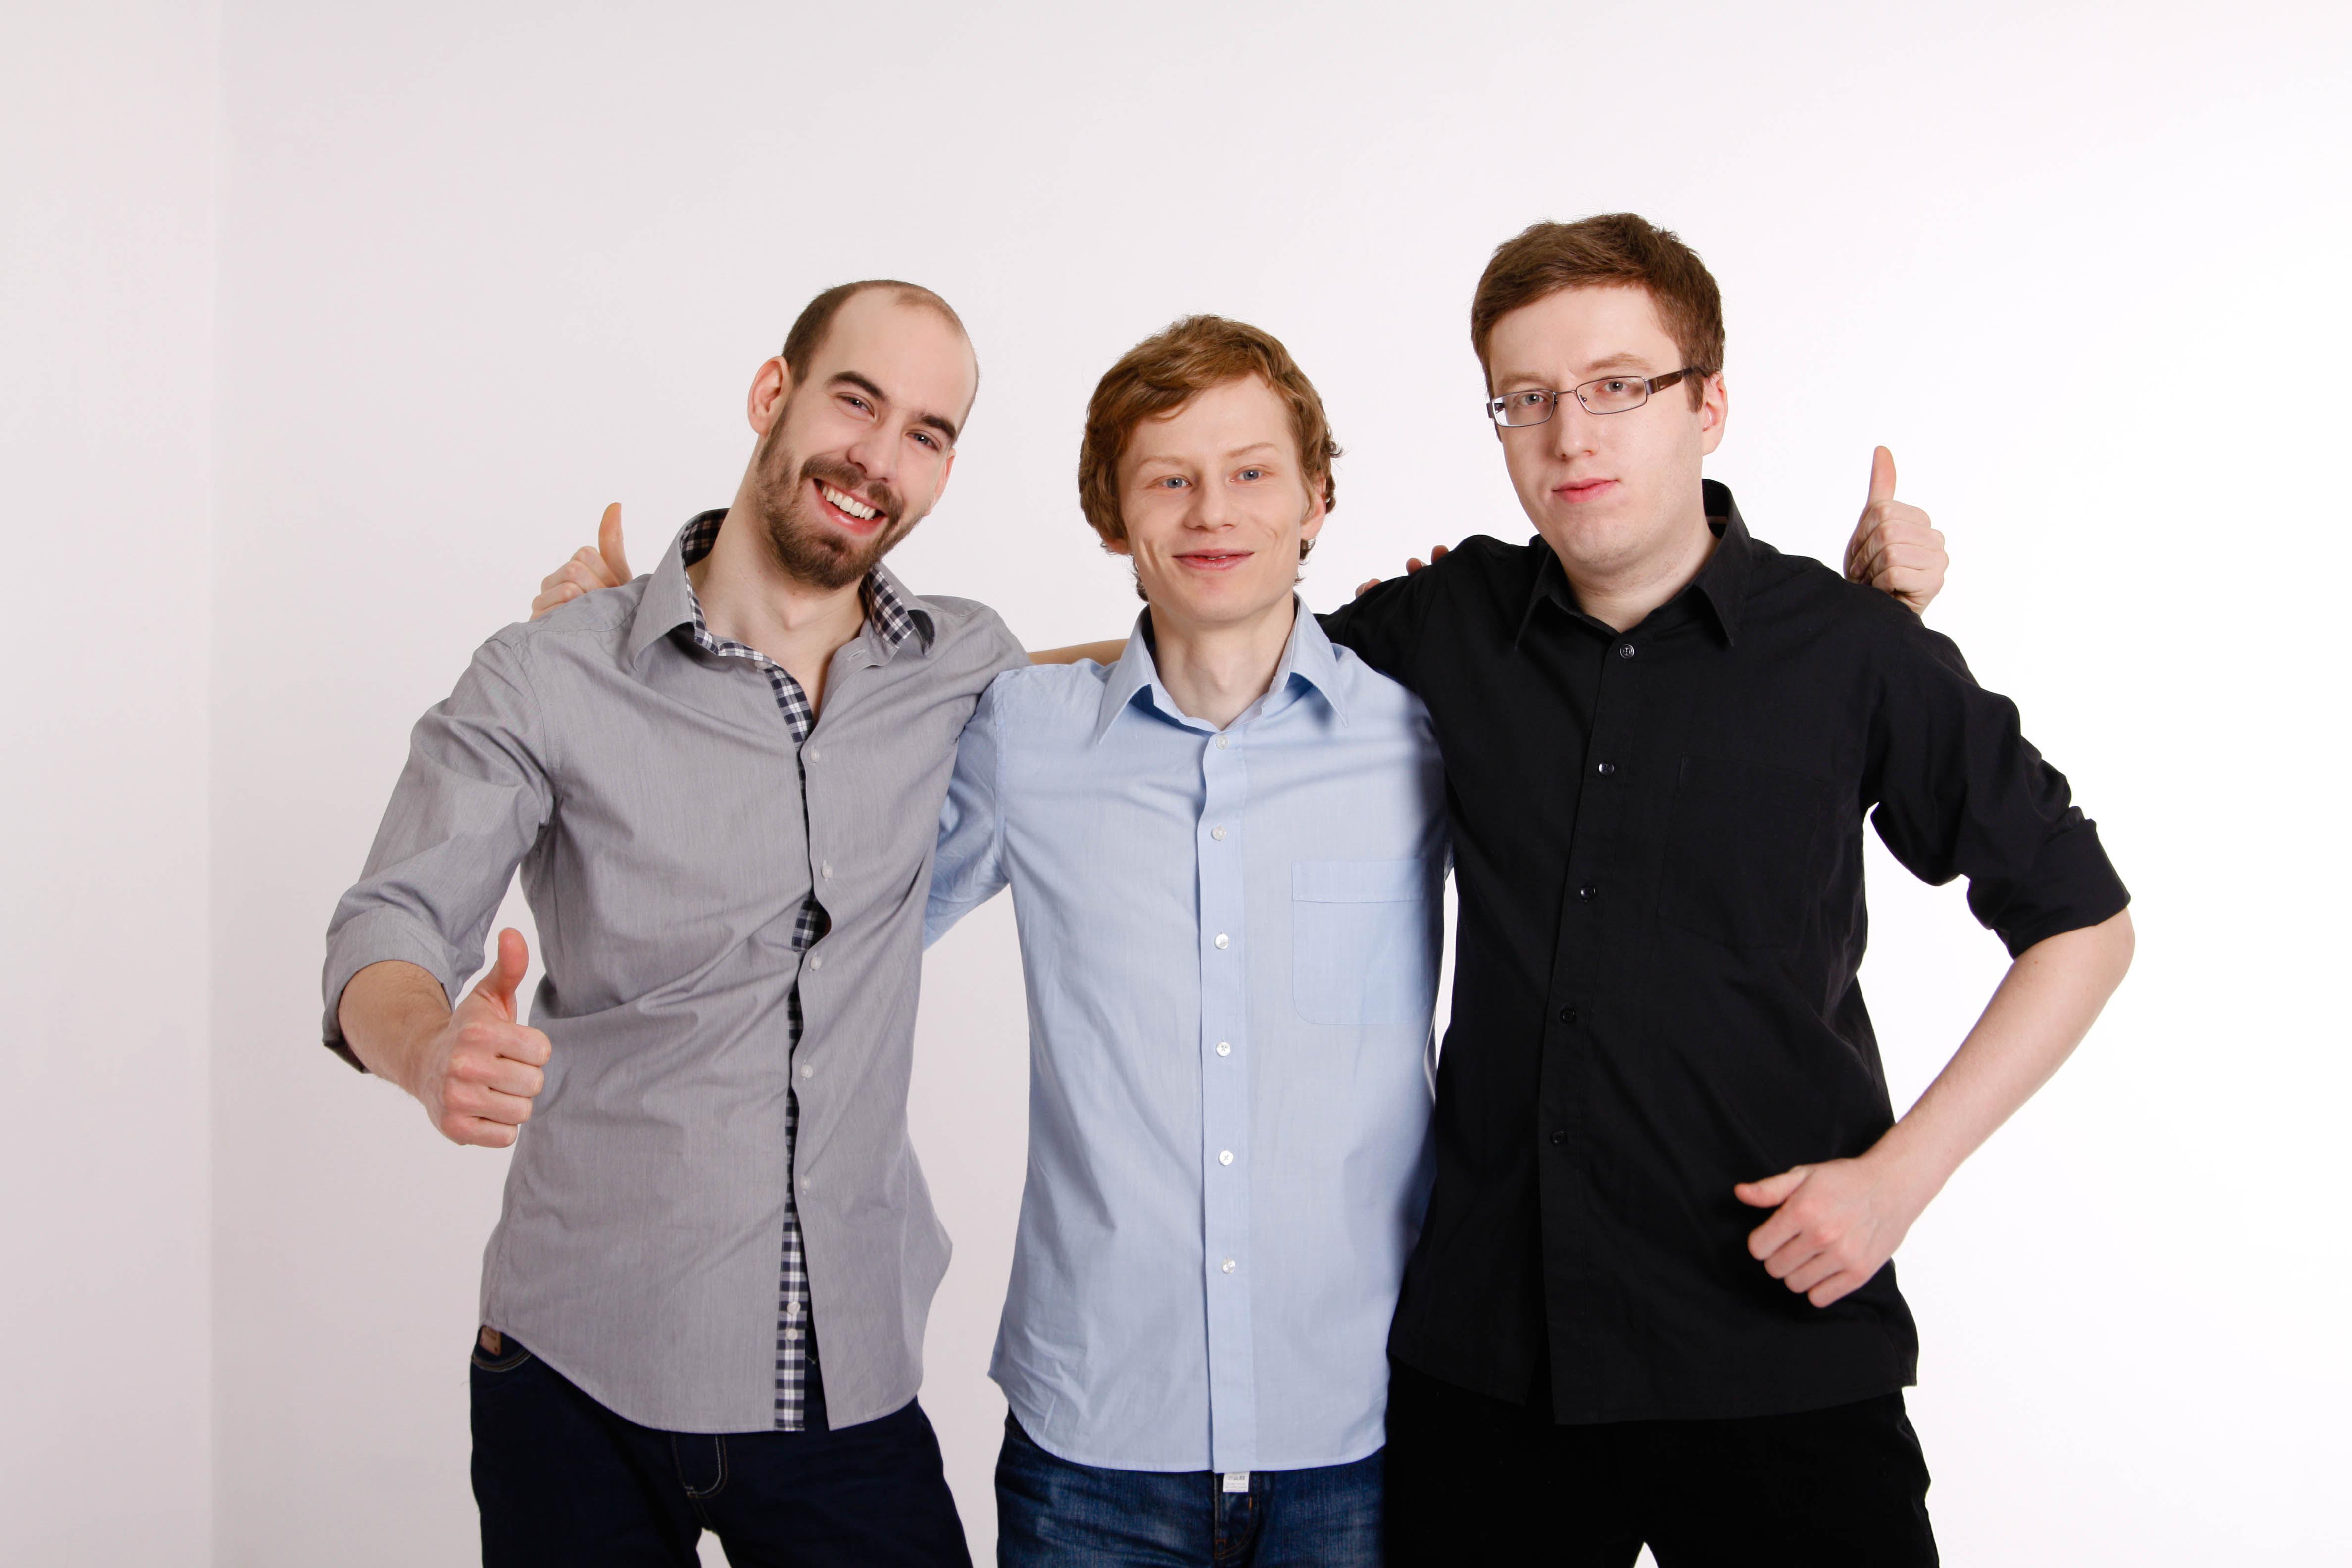 Sinterit Team - FIT AG investiert in polnisches 3D-Drucker Startup Sinterit